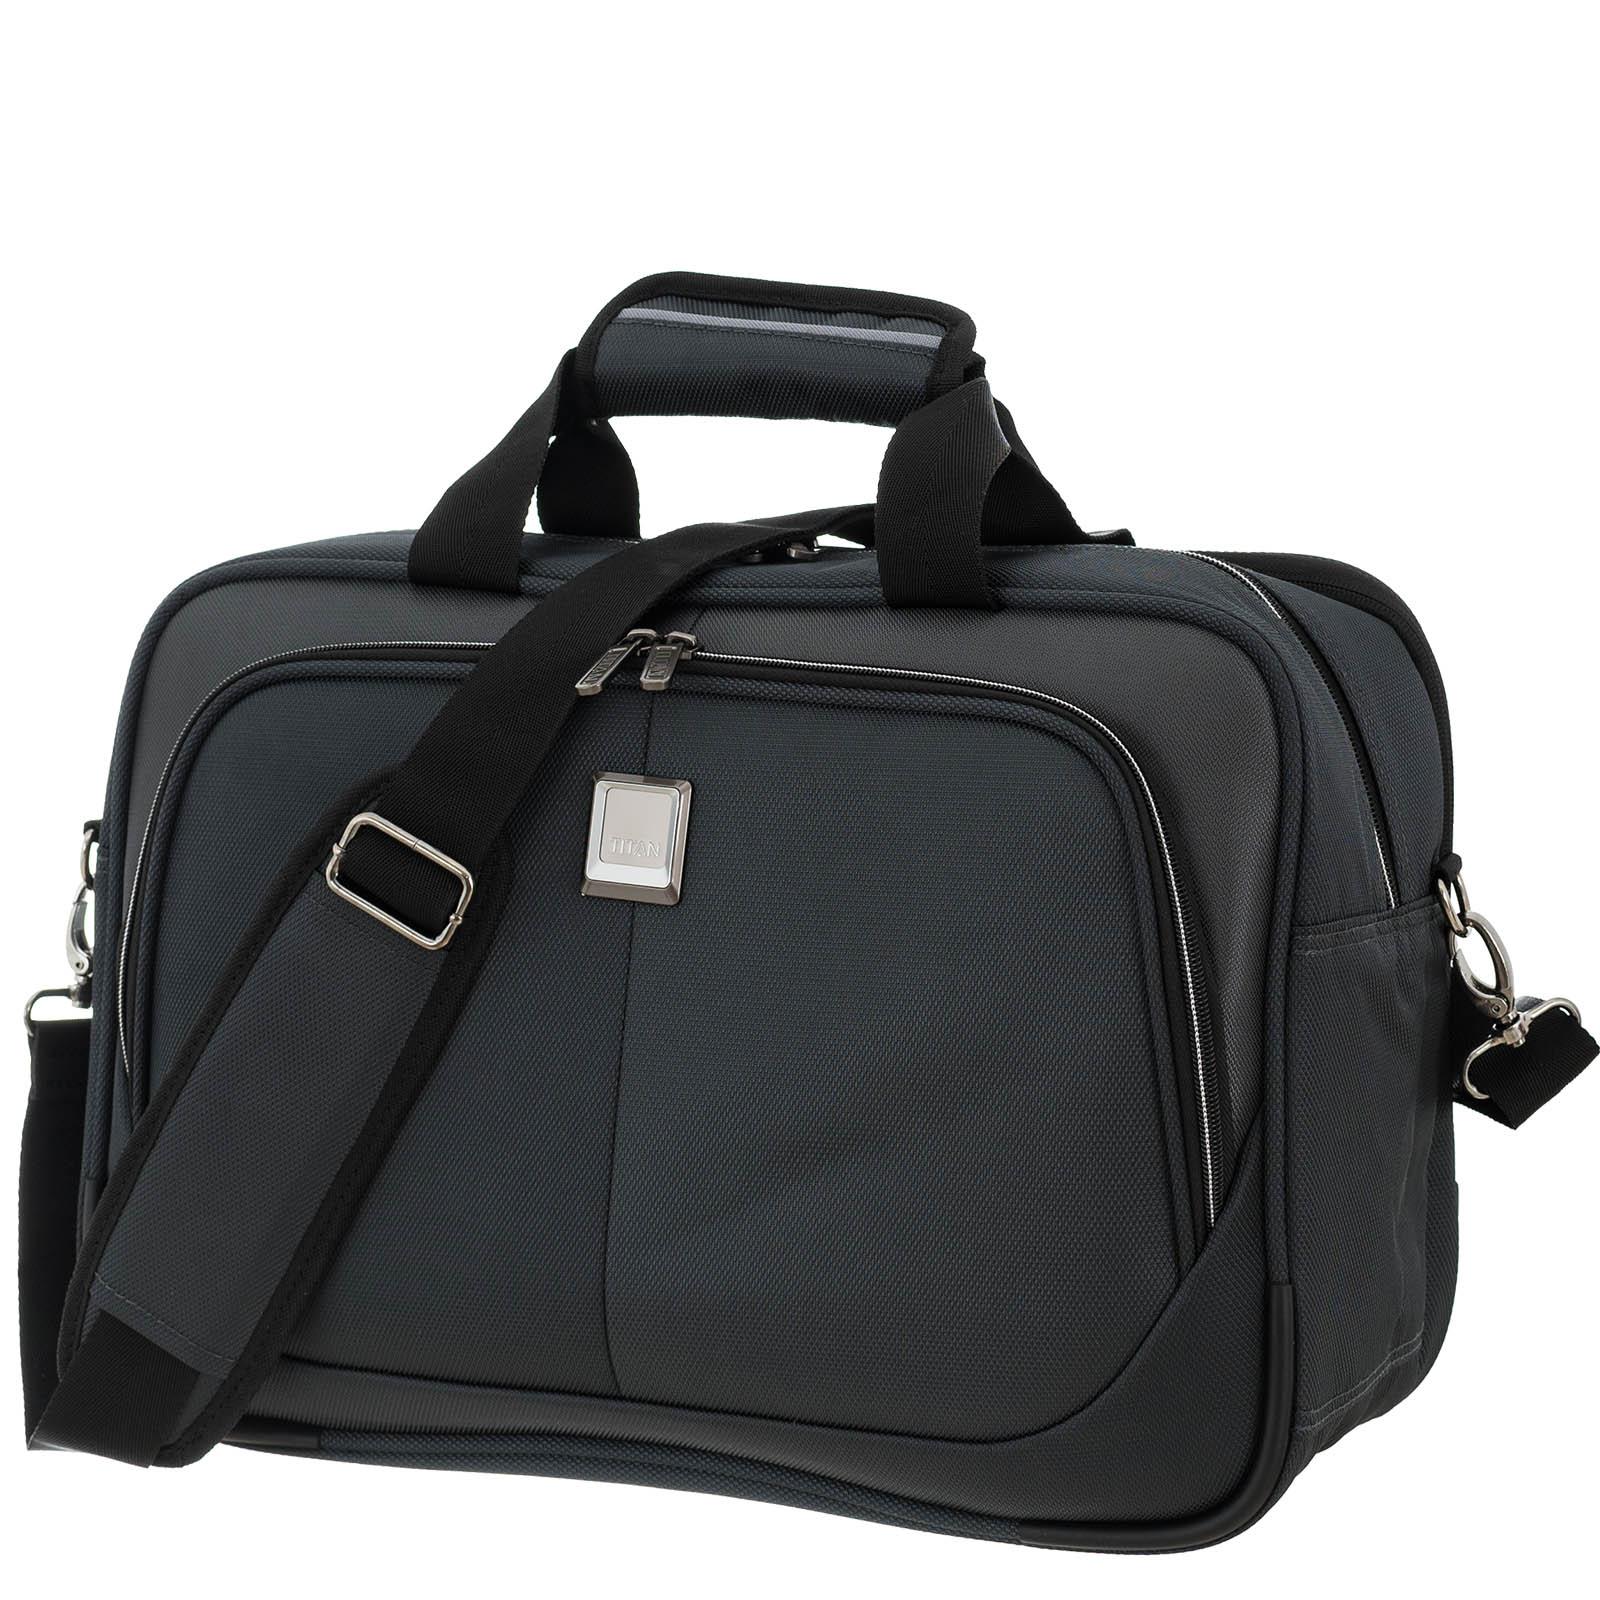 Gratis Digitale Kofferwaage ab 30€: z.B. beim Kauf einer Titan Nonstop Bordtasche (22l, 43 x 29 x 18cm, 0.9kg)